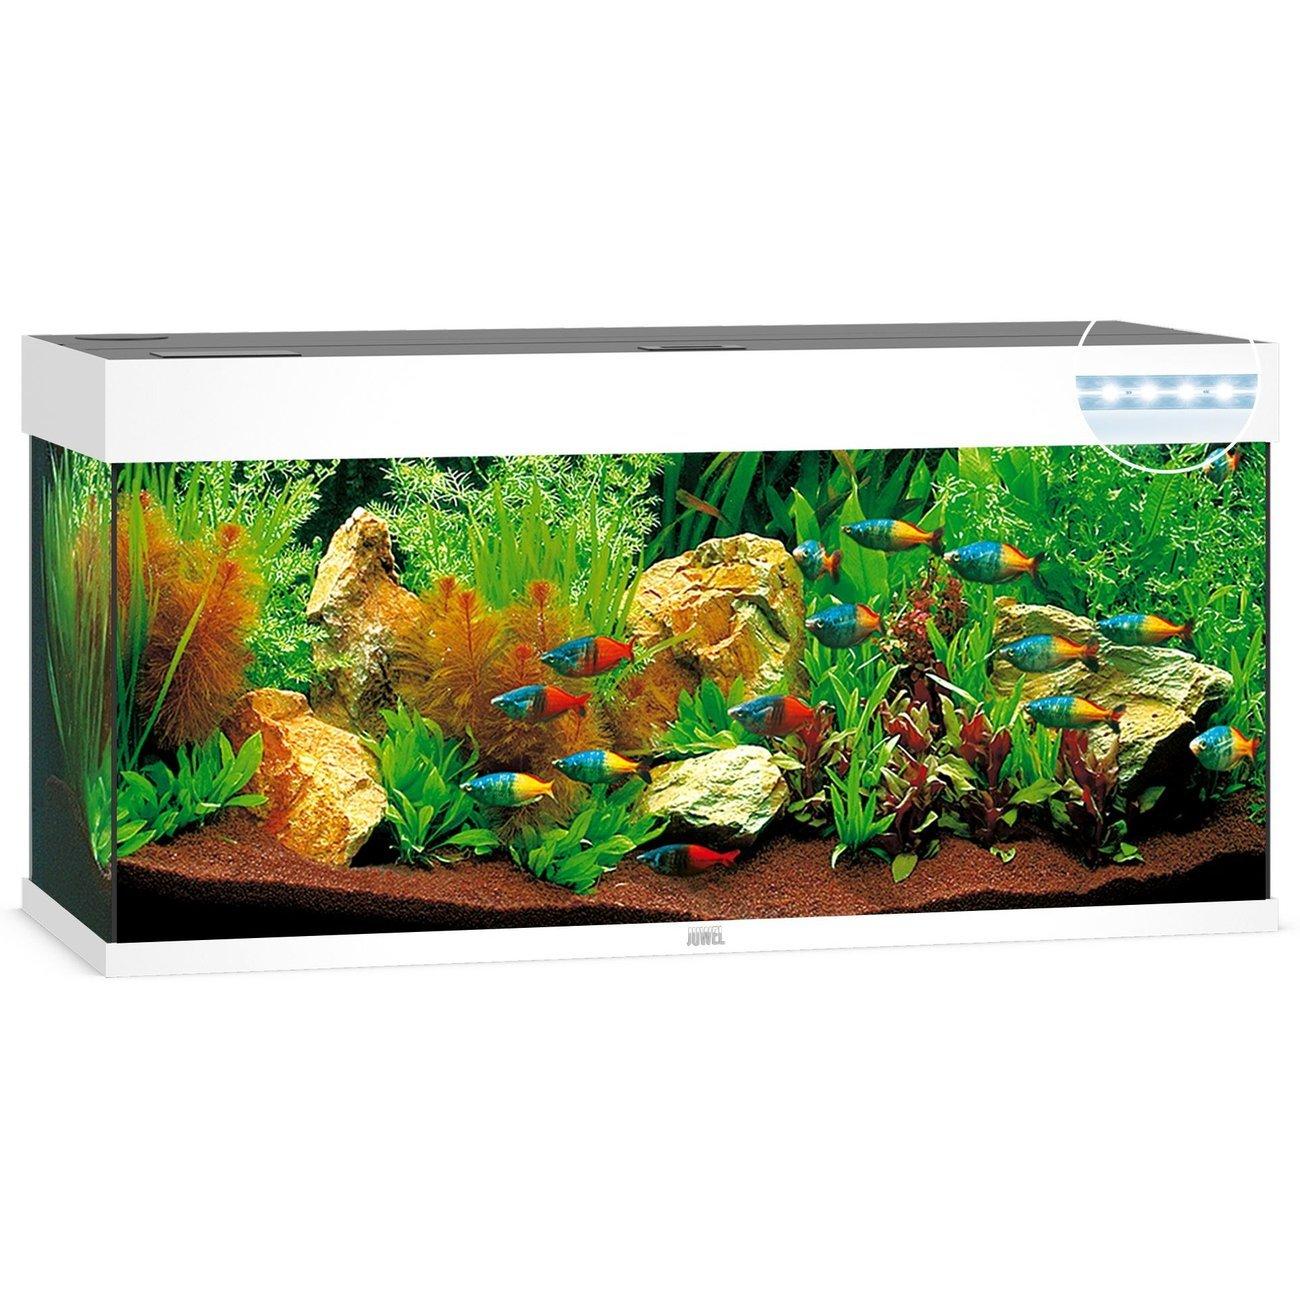 Juwel Rio 180 LED Aquarium, Bild 4